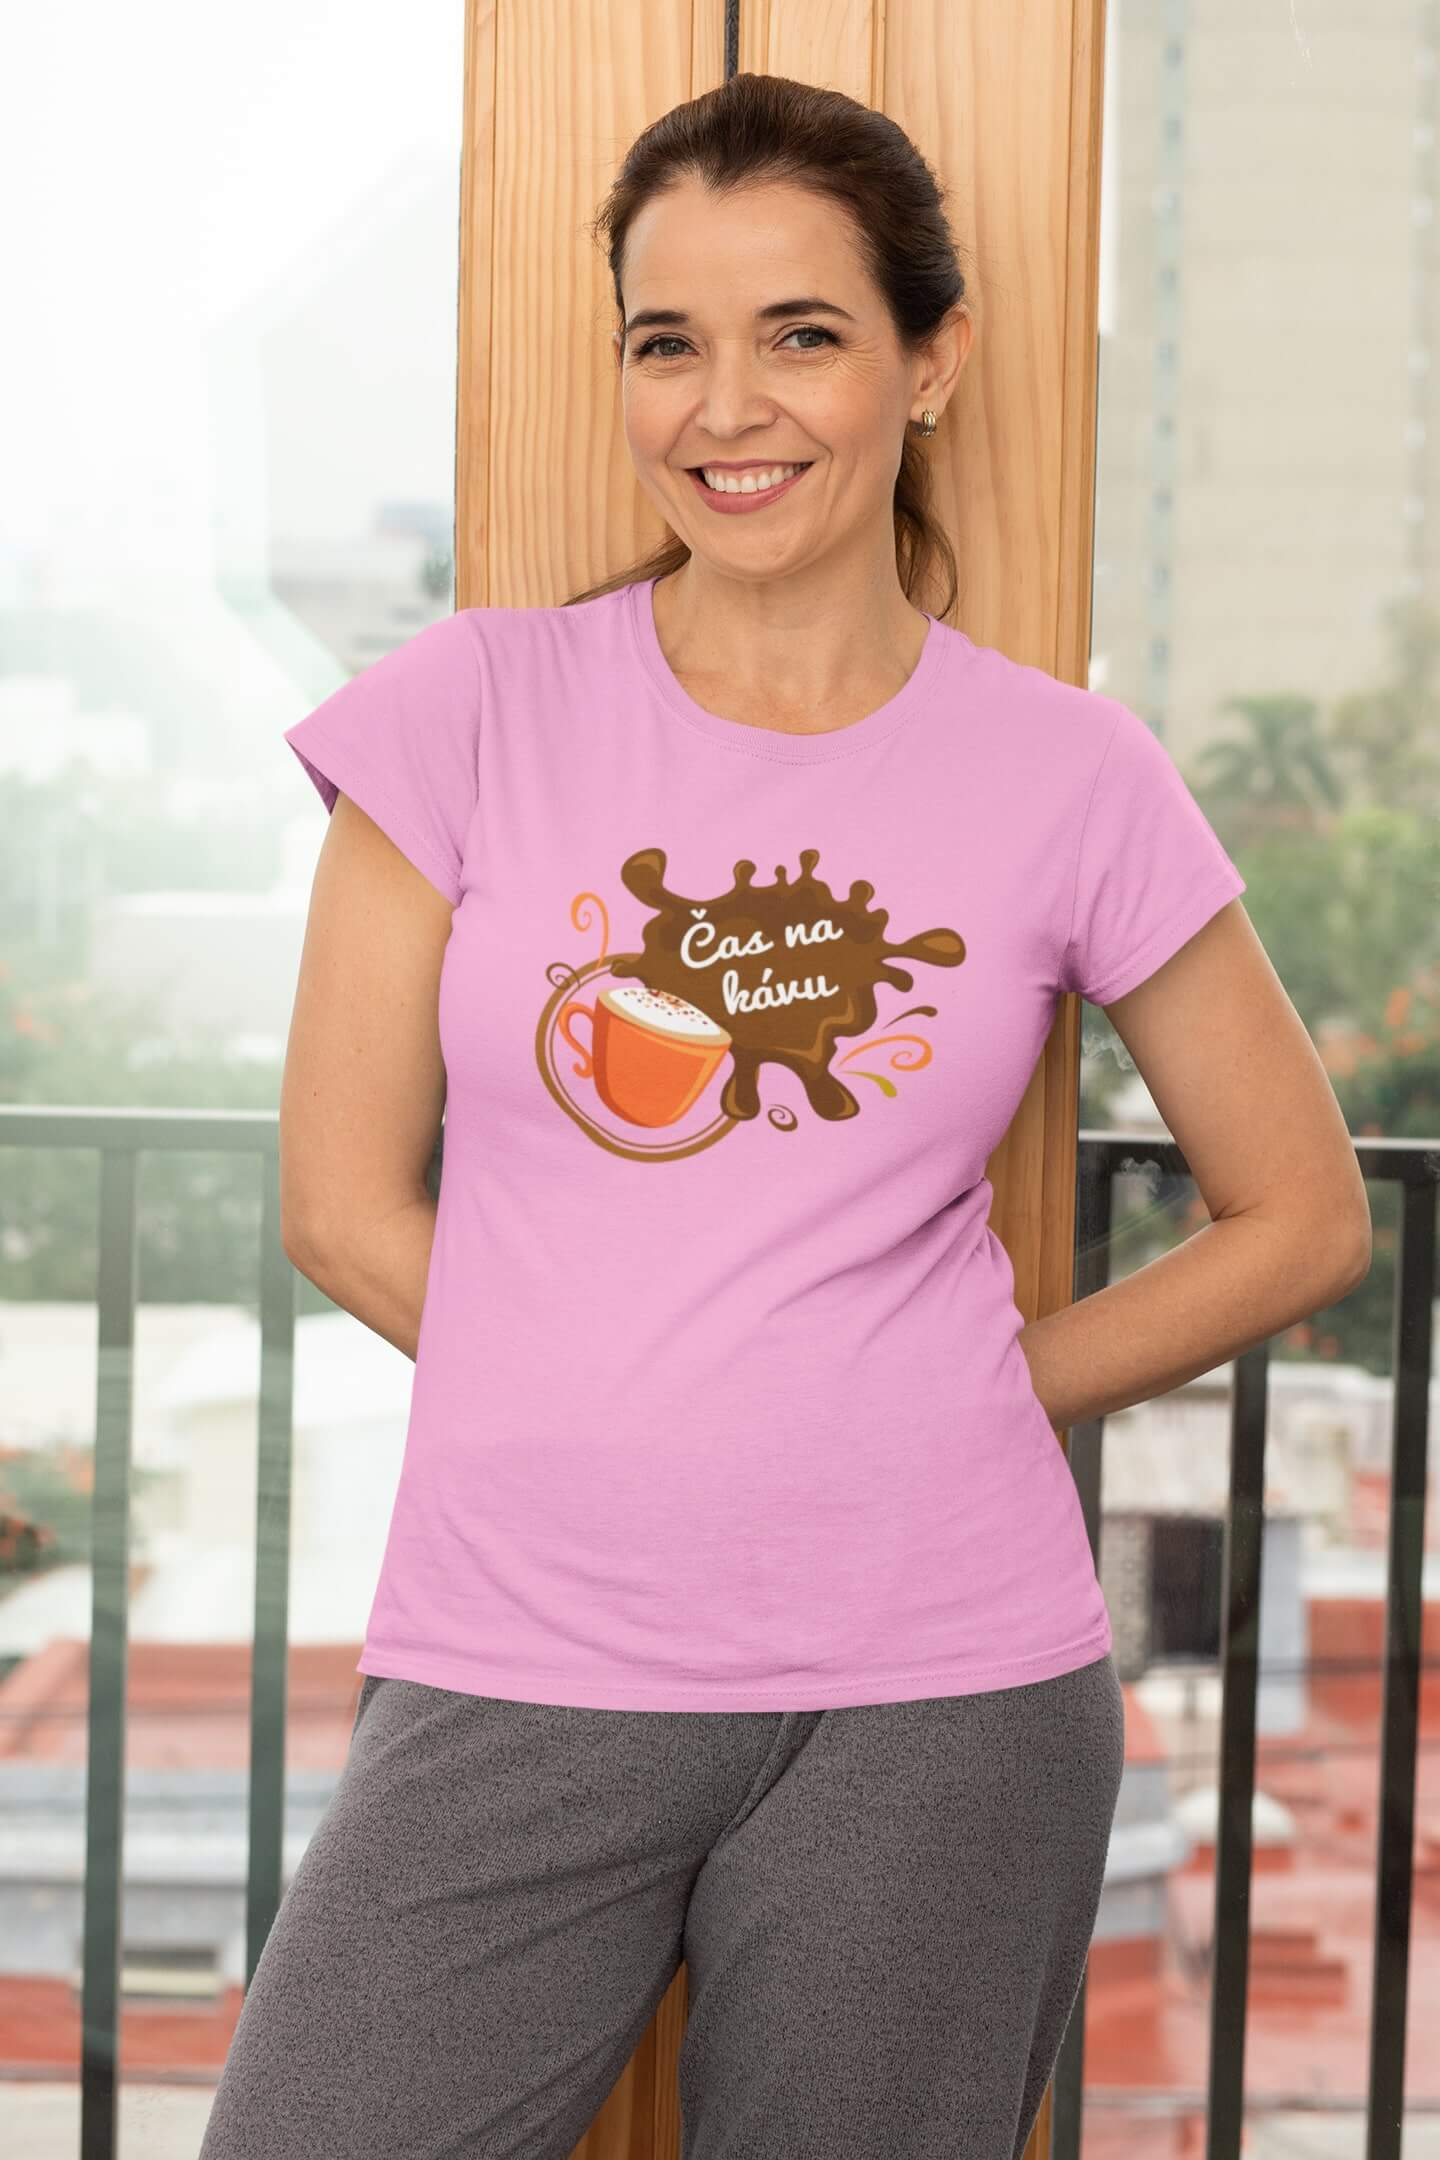 MMO Dámske tričko Čas na kávu Vyberte farbu: Ružová, Dámska veľkosť: XS